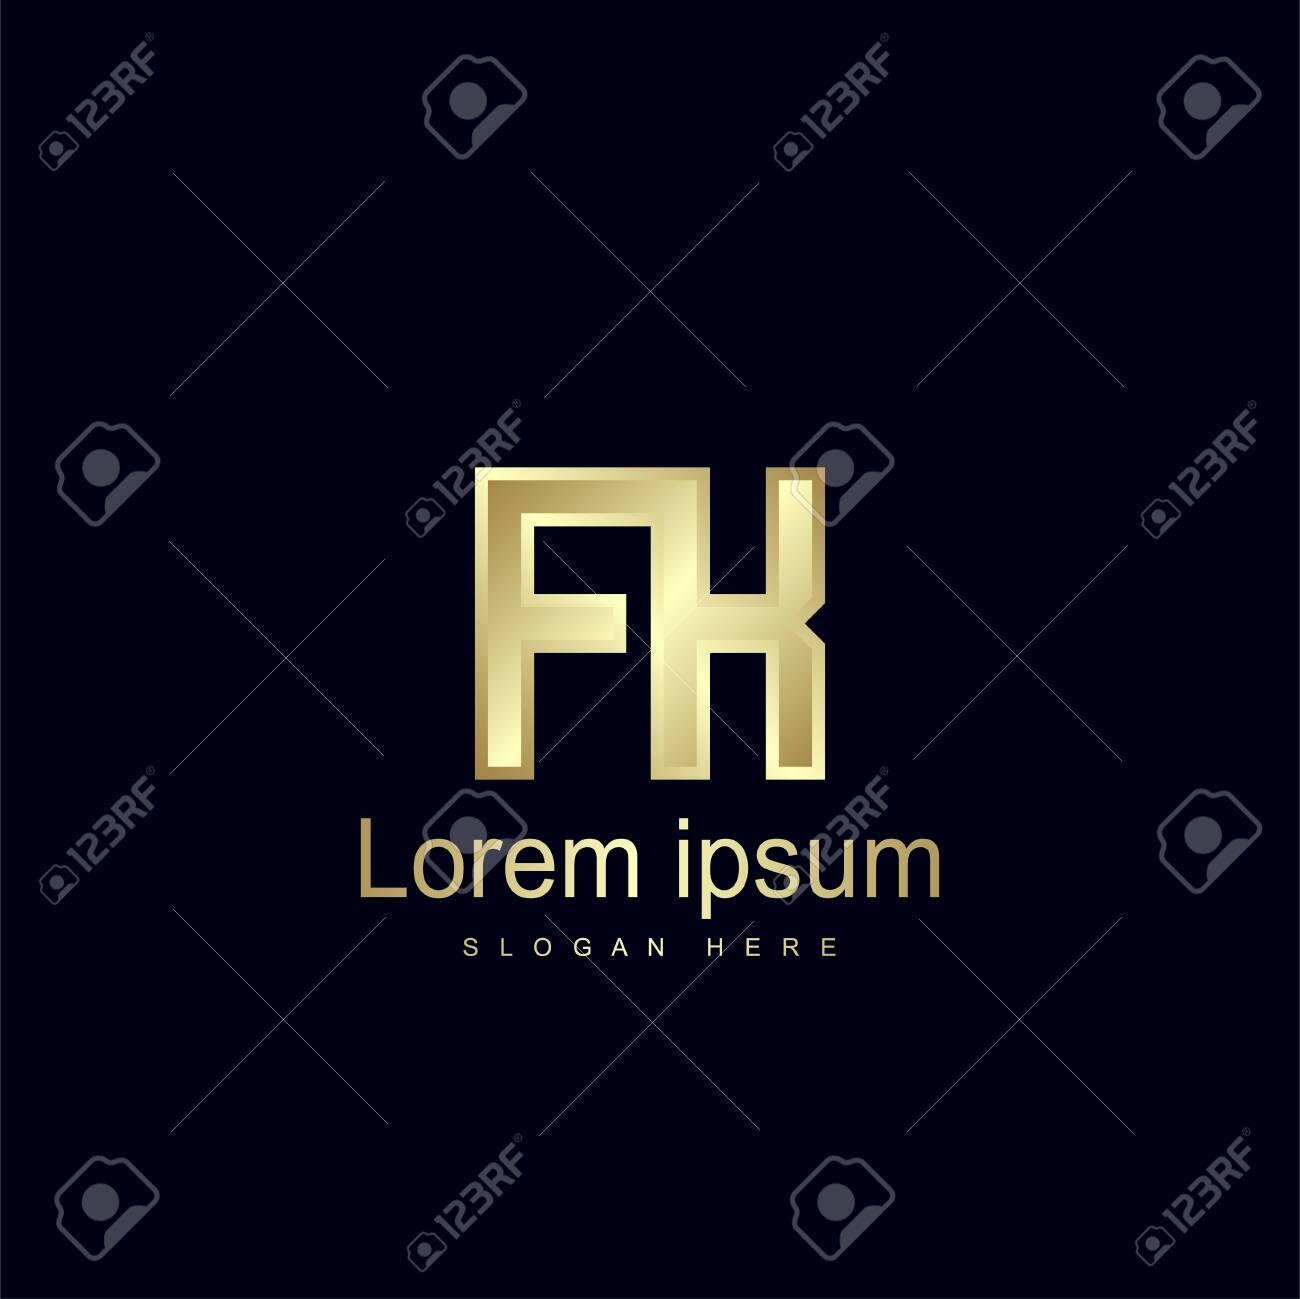 Initial Letter FK Logo Template Vector Design - 128881738